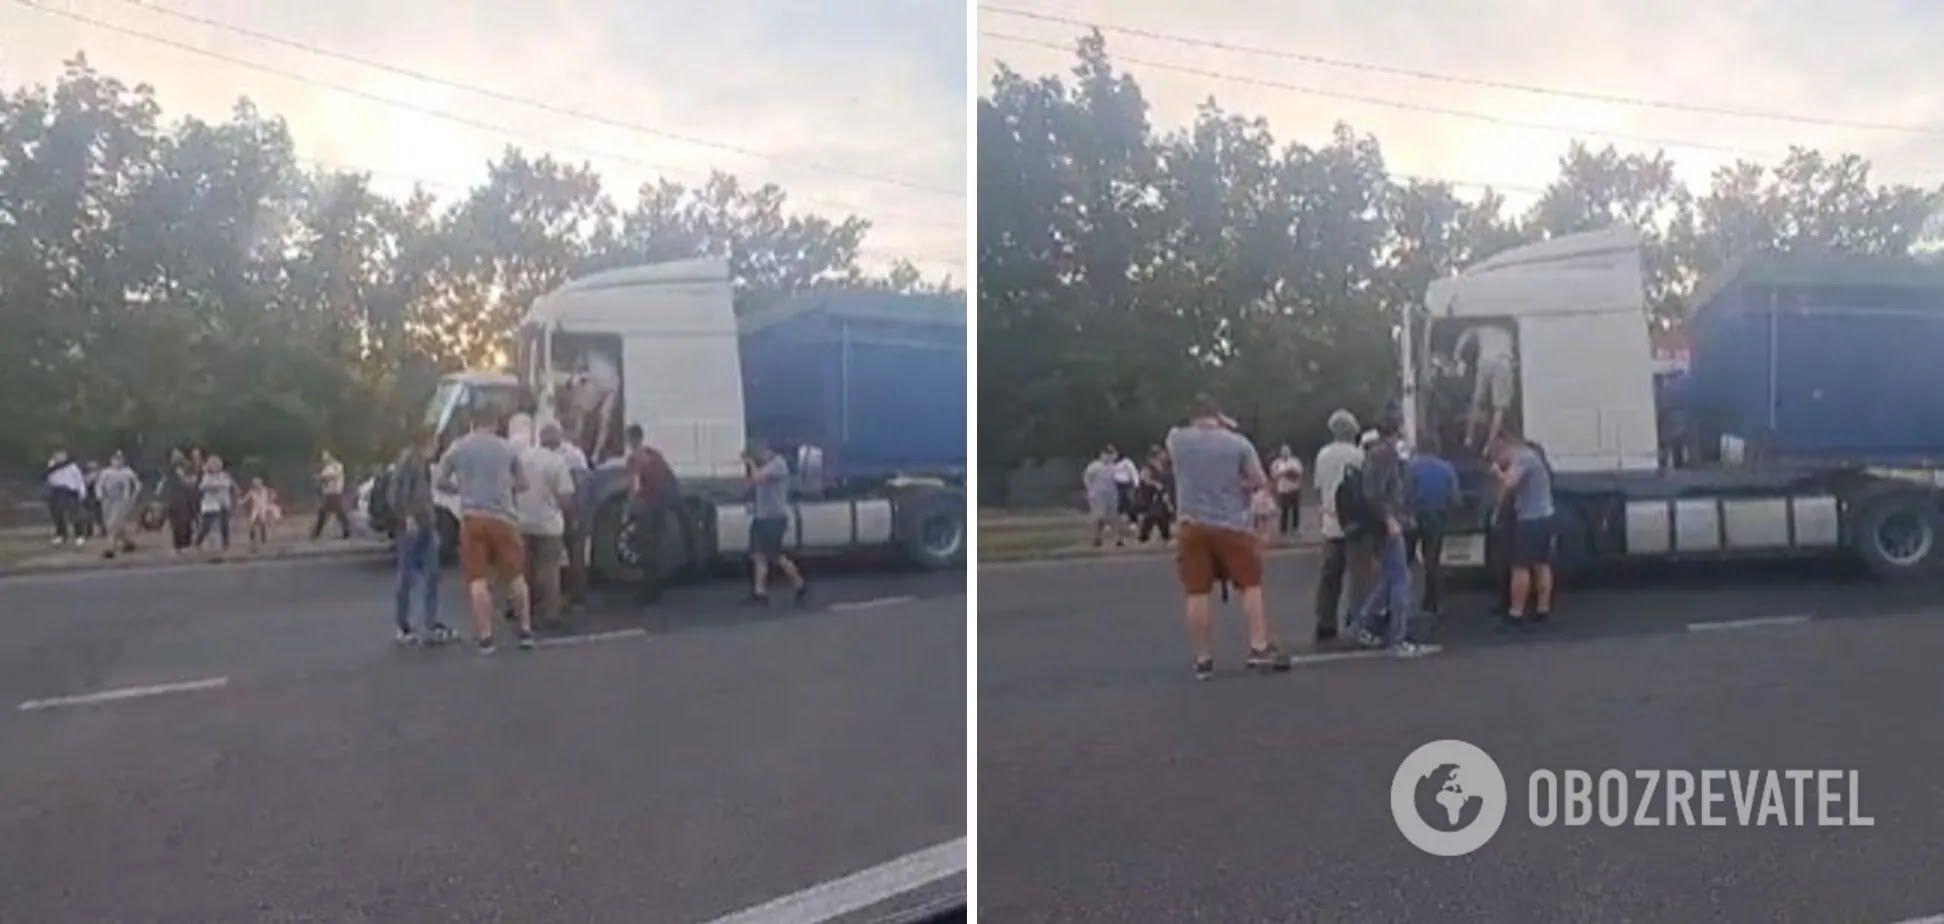 Пассажиры маршрутки взялись избивать водителя DAF